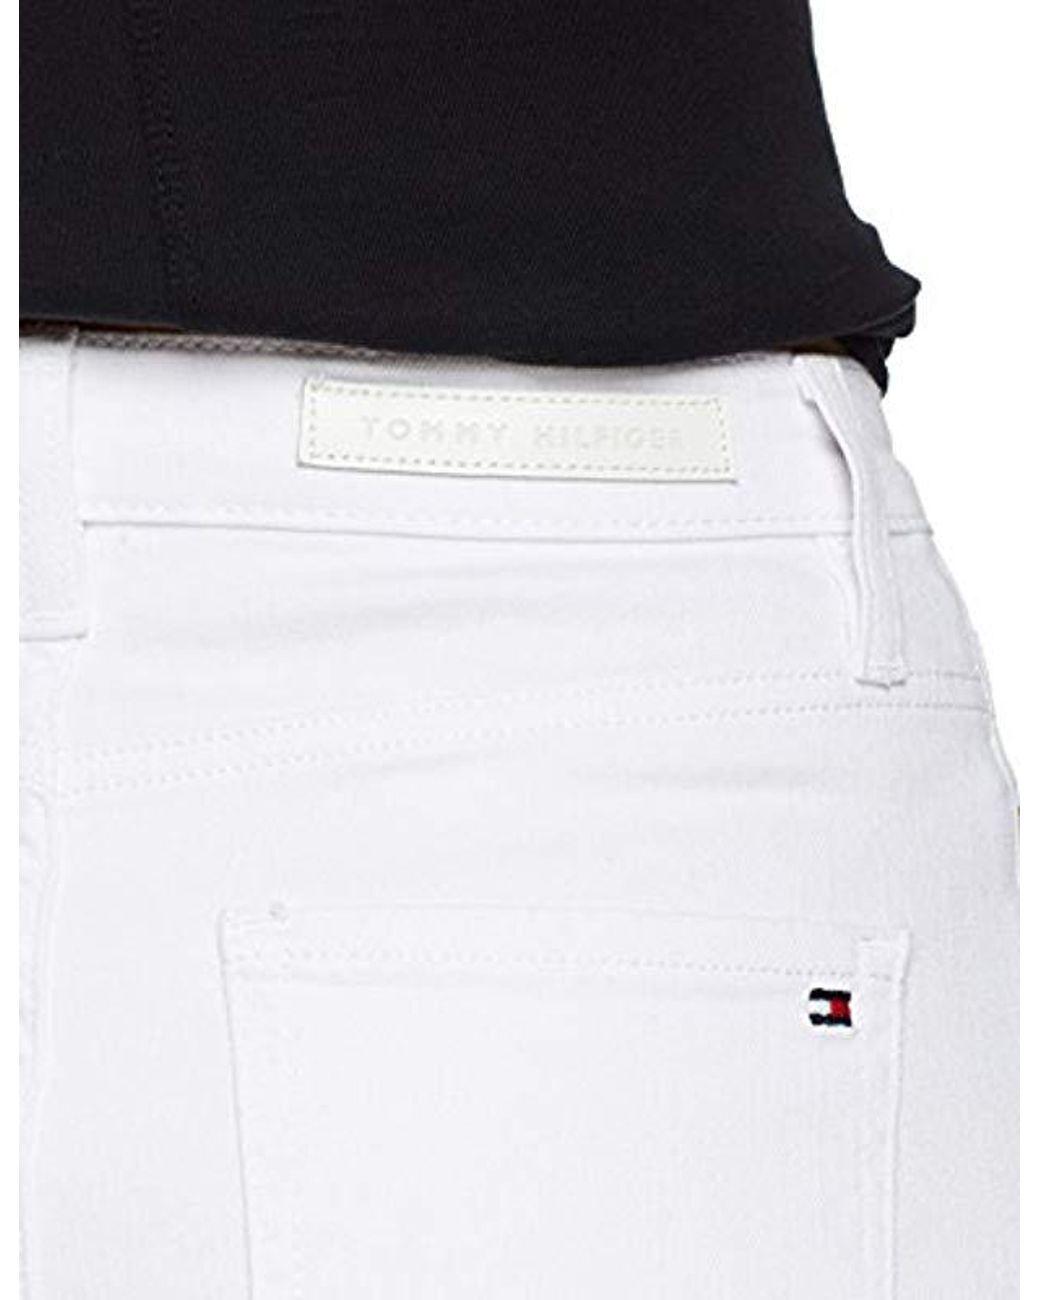 Pantalones Cortos Mujer Tommy Hilfiger Rome Rw Short Violette Pantalones Cortos Para Mujer Ropa Mujer